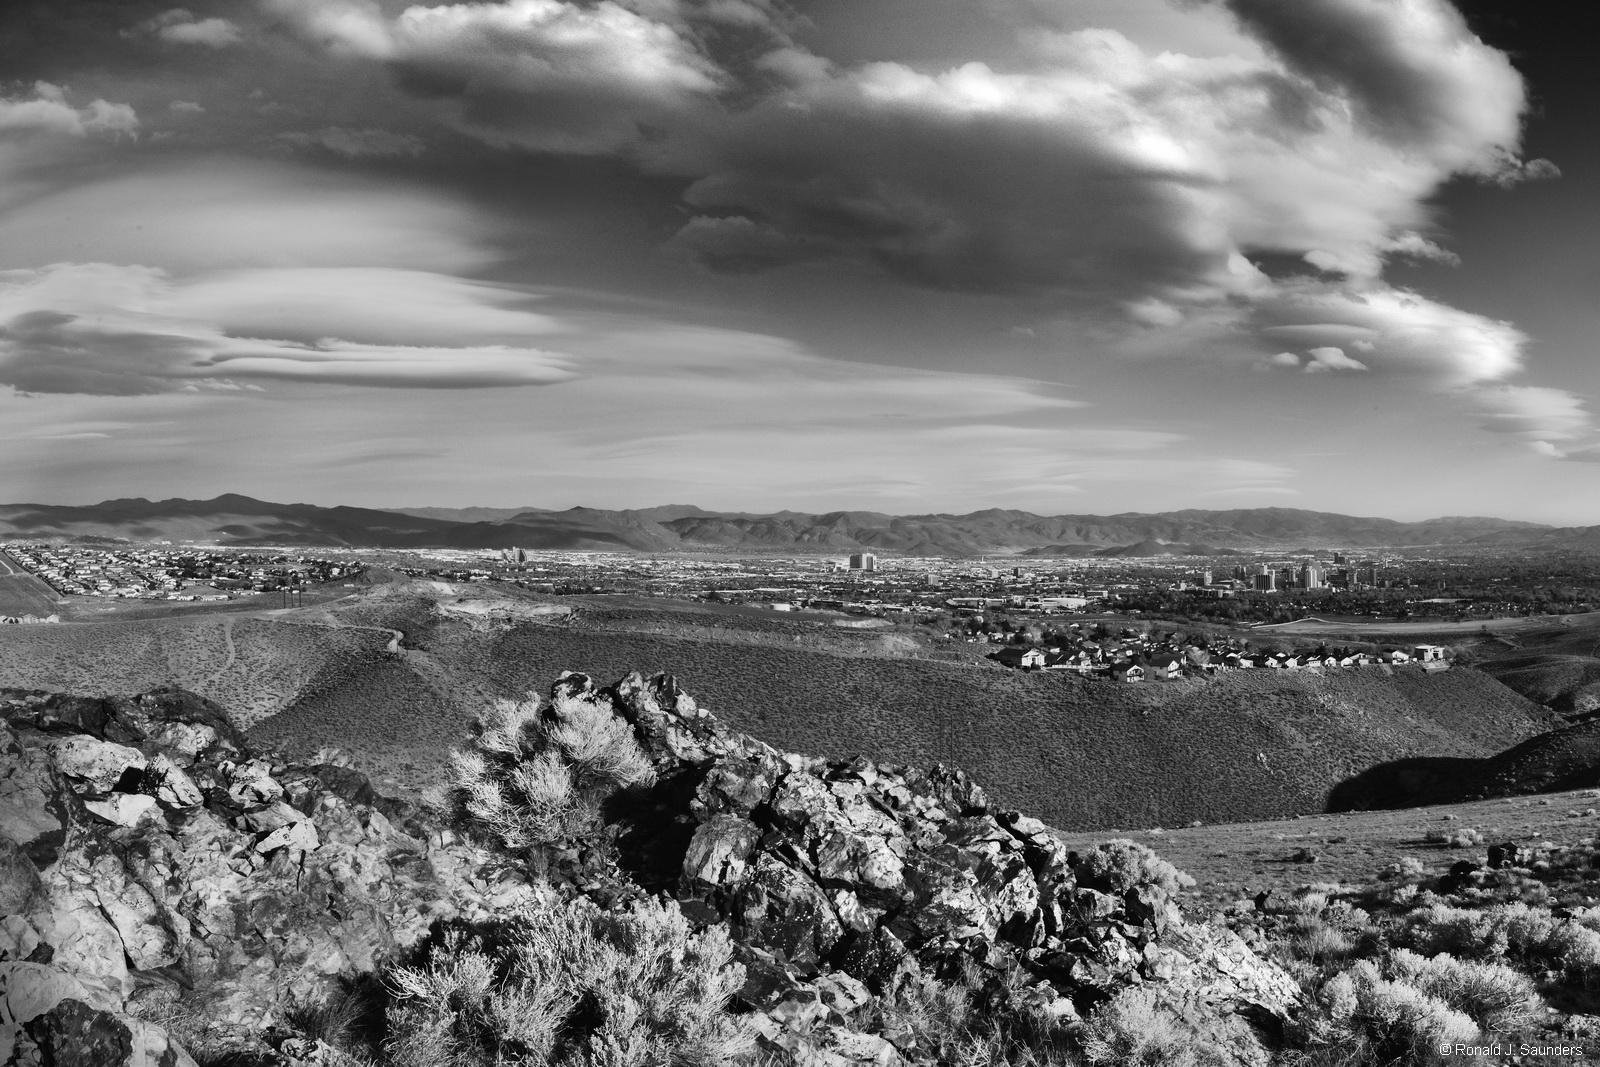 ron, saunders, ronald, ronald j saunders, landscape, photography, nevada, california, image, black, white, exhibition, Reno, Nevada, desert, photography, photo